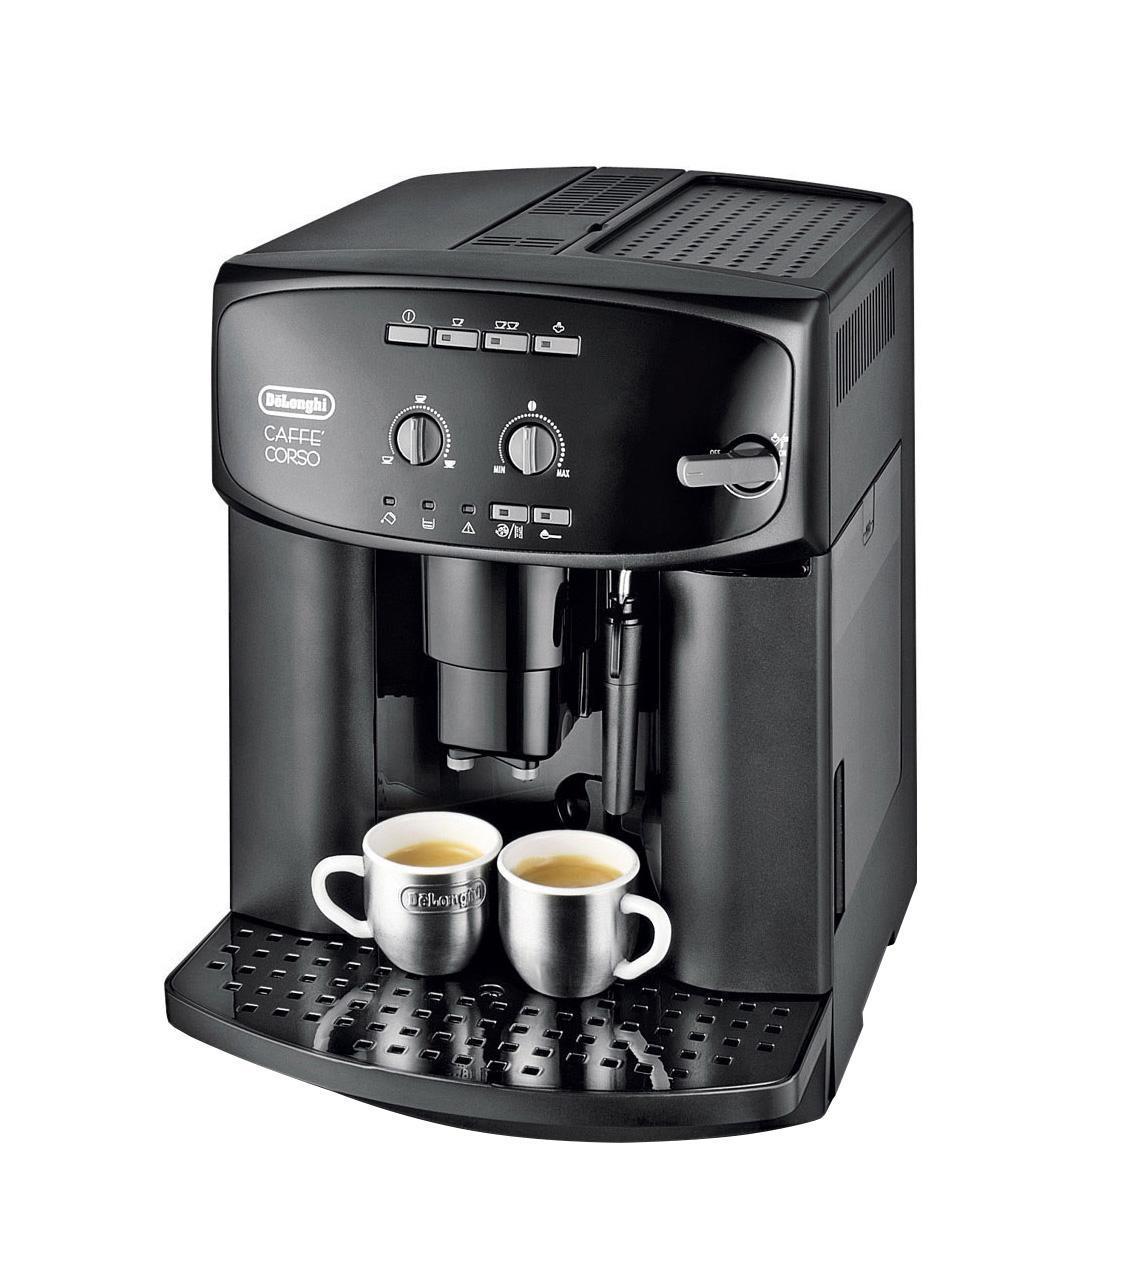 DeLonghi ESAM 2600ESAM 2600Полностью автоматическая кофемашина эспрессо DeLonghi ESAM 2600 с функцией приготовления капучино. Произведенная в полном соответствии с высочайшими стандартами качества и спроектированная до мельчайших деталей, автоматическая кофемашина эспрессо DeLonghi ESAM 2600 не будет просто банальным предметом обстановки, а станет составной частью Вашего индивидуального интерьера. Уникальная система CRF (Компактность, Надежность, Свежесть) - в которой применена запатентованная система приготовления - Tubeless, блок приготовления в момент помола поднимается прямо к кофемолке, и забирает свежесмолотый кофе напрямую, без использования трубок или воронок. Там же осуществляется процесс предварительного смачивания, благодаря чему получается всегда свежий, безупречный кофе Система Капучино Съемный центральный блок приготовления - большая долговечность и простота эксплуатации Новый запатентованный термоблок для поддержания корректной и постоянной температуры...